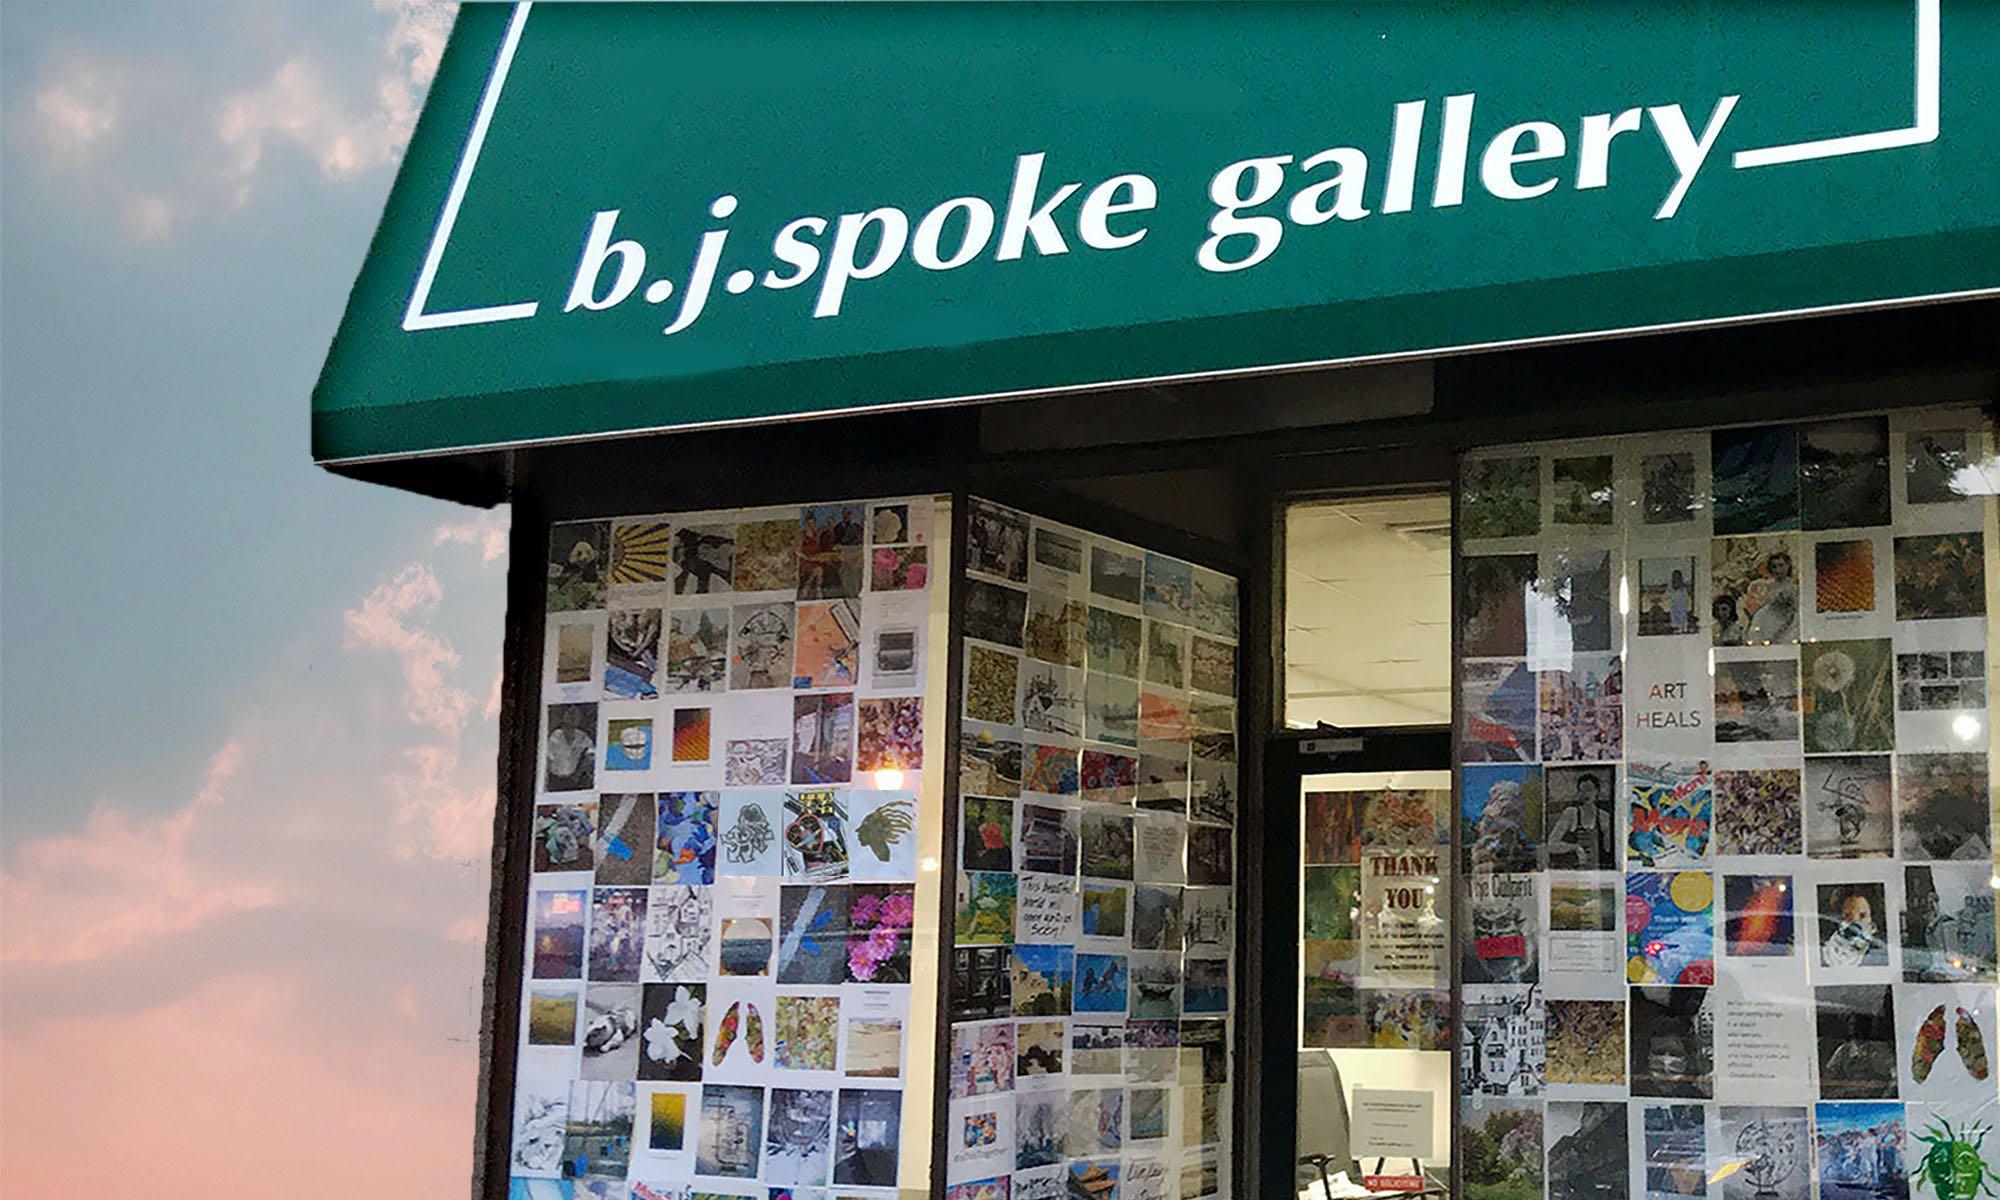 b.j. spoke gallery